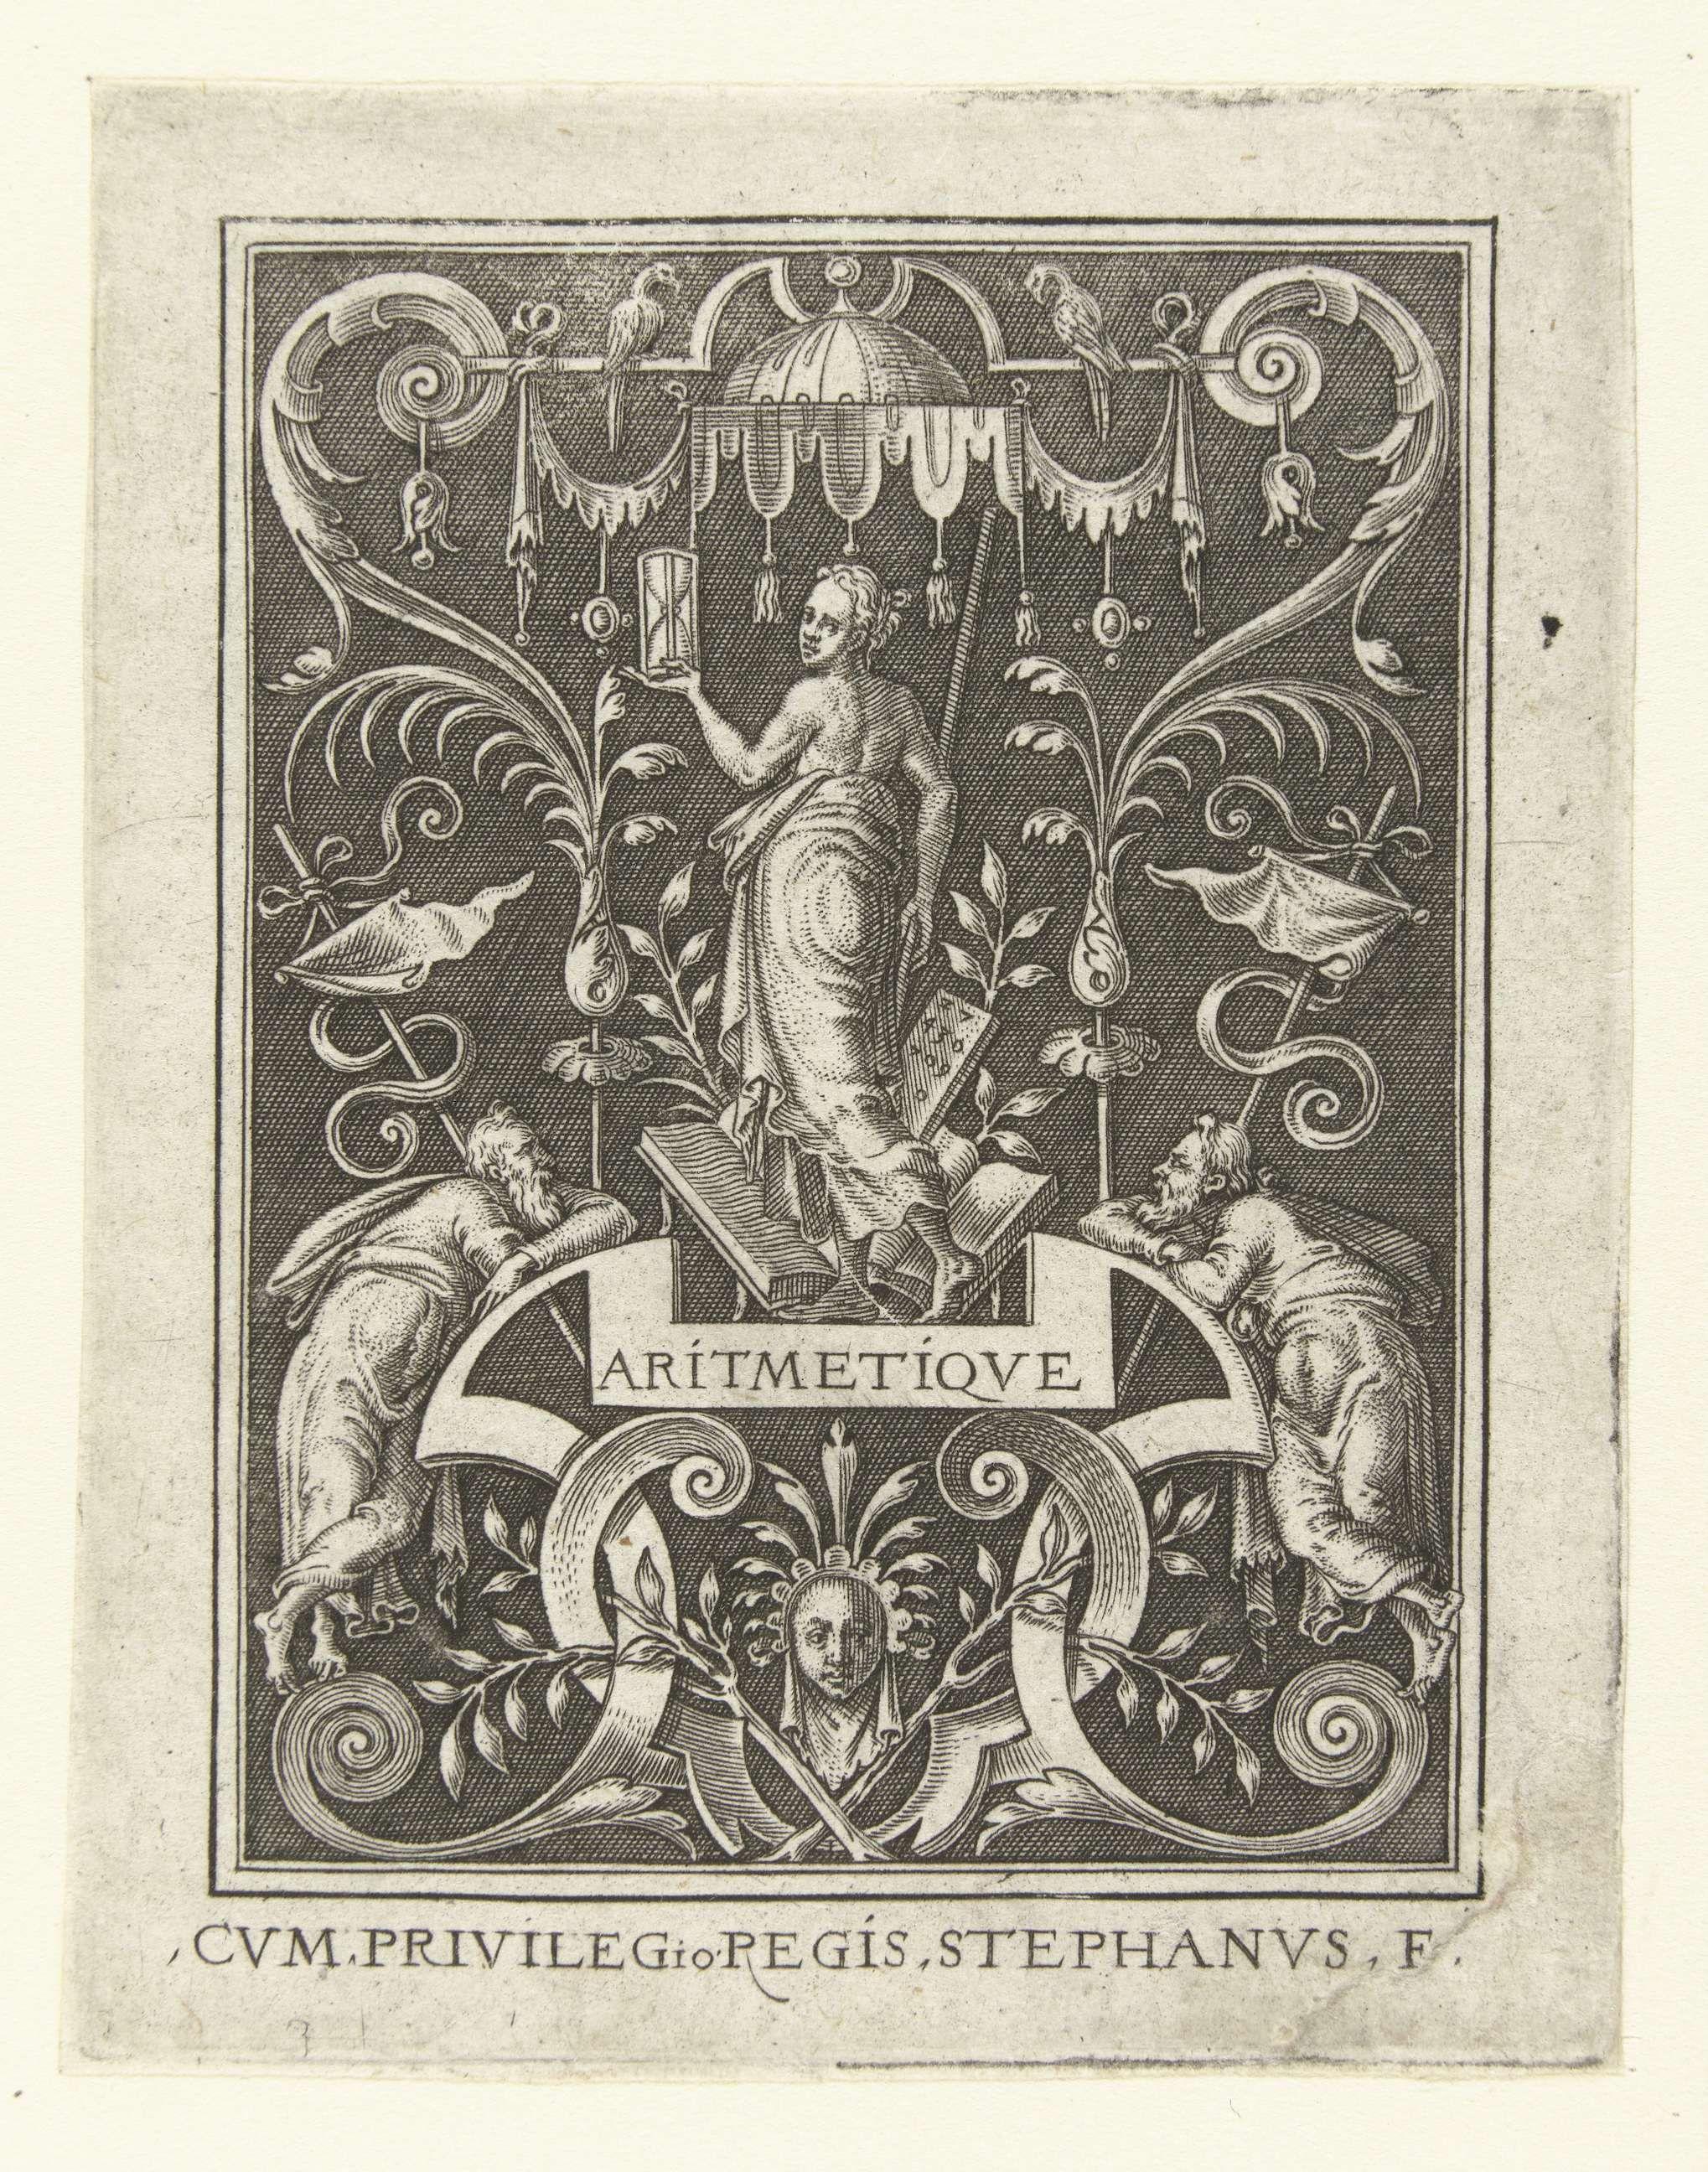 Etienne Delaune | Rekenkunde, Etienne Delaune, 1528 - 1583 | De rekenkunde met een zandloper in de hand. Linksonder en rechtsonder leunt een oude man regen een voluut. Uit serie van 6 bladen.